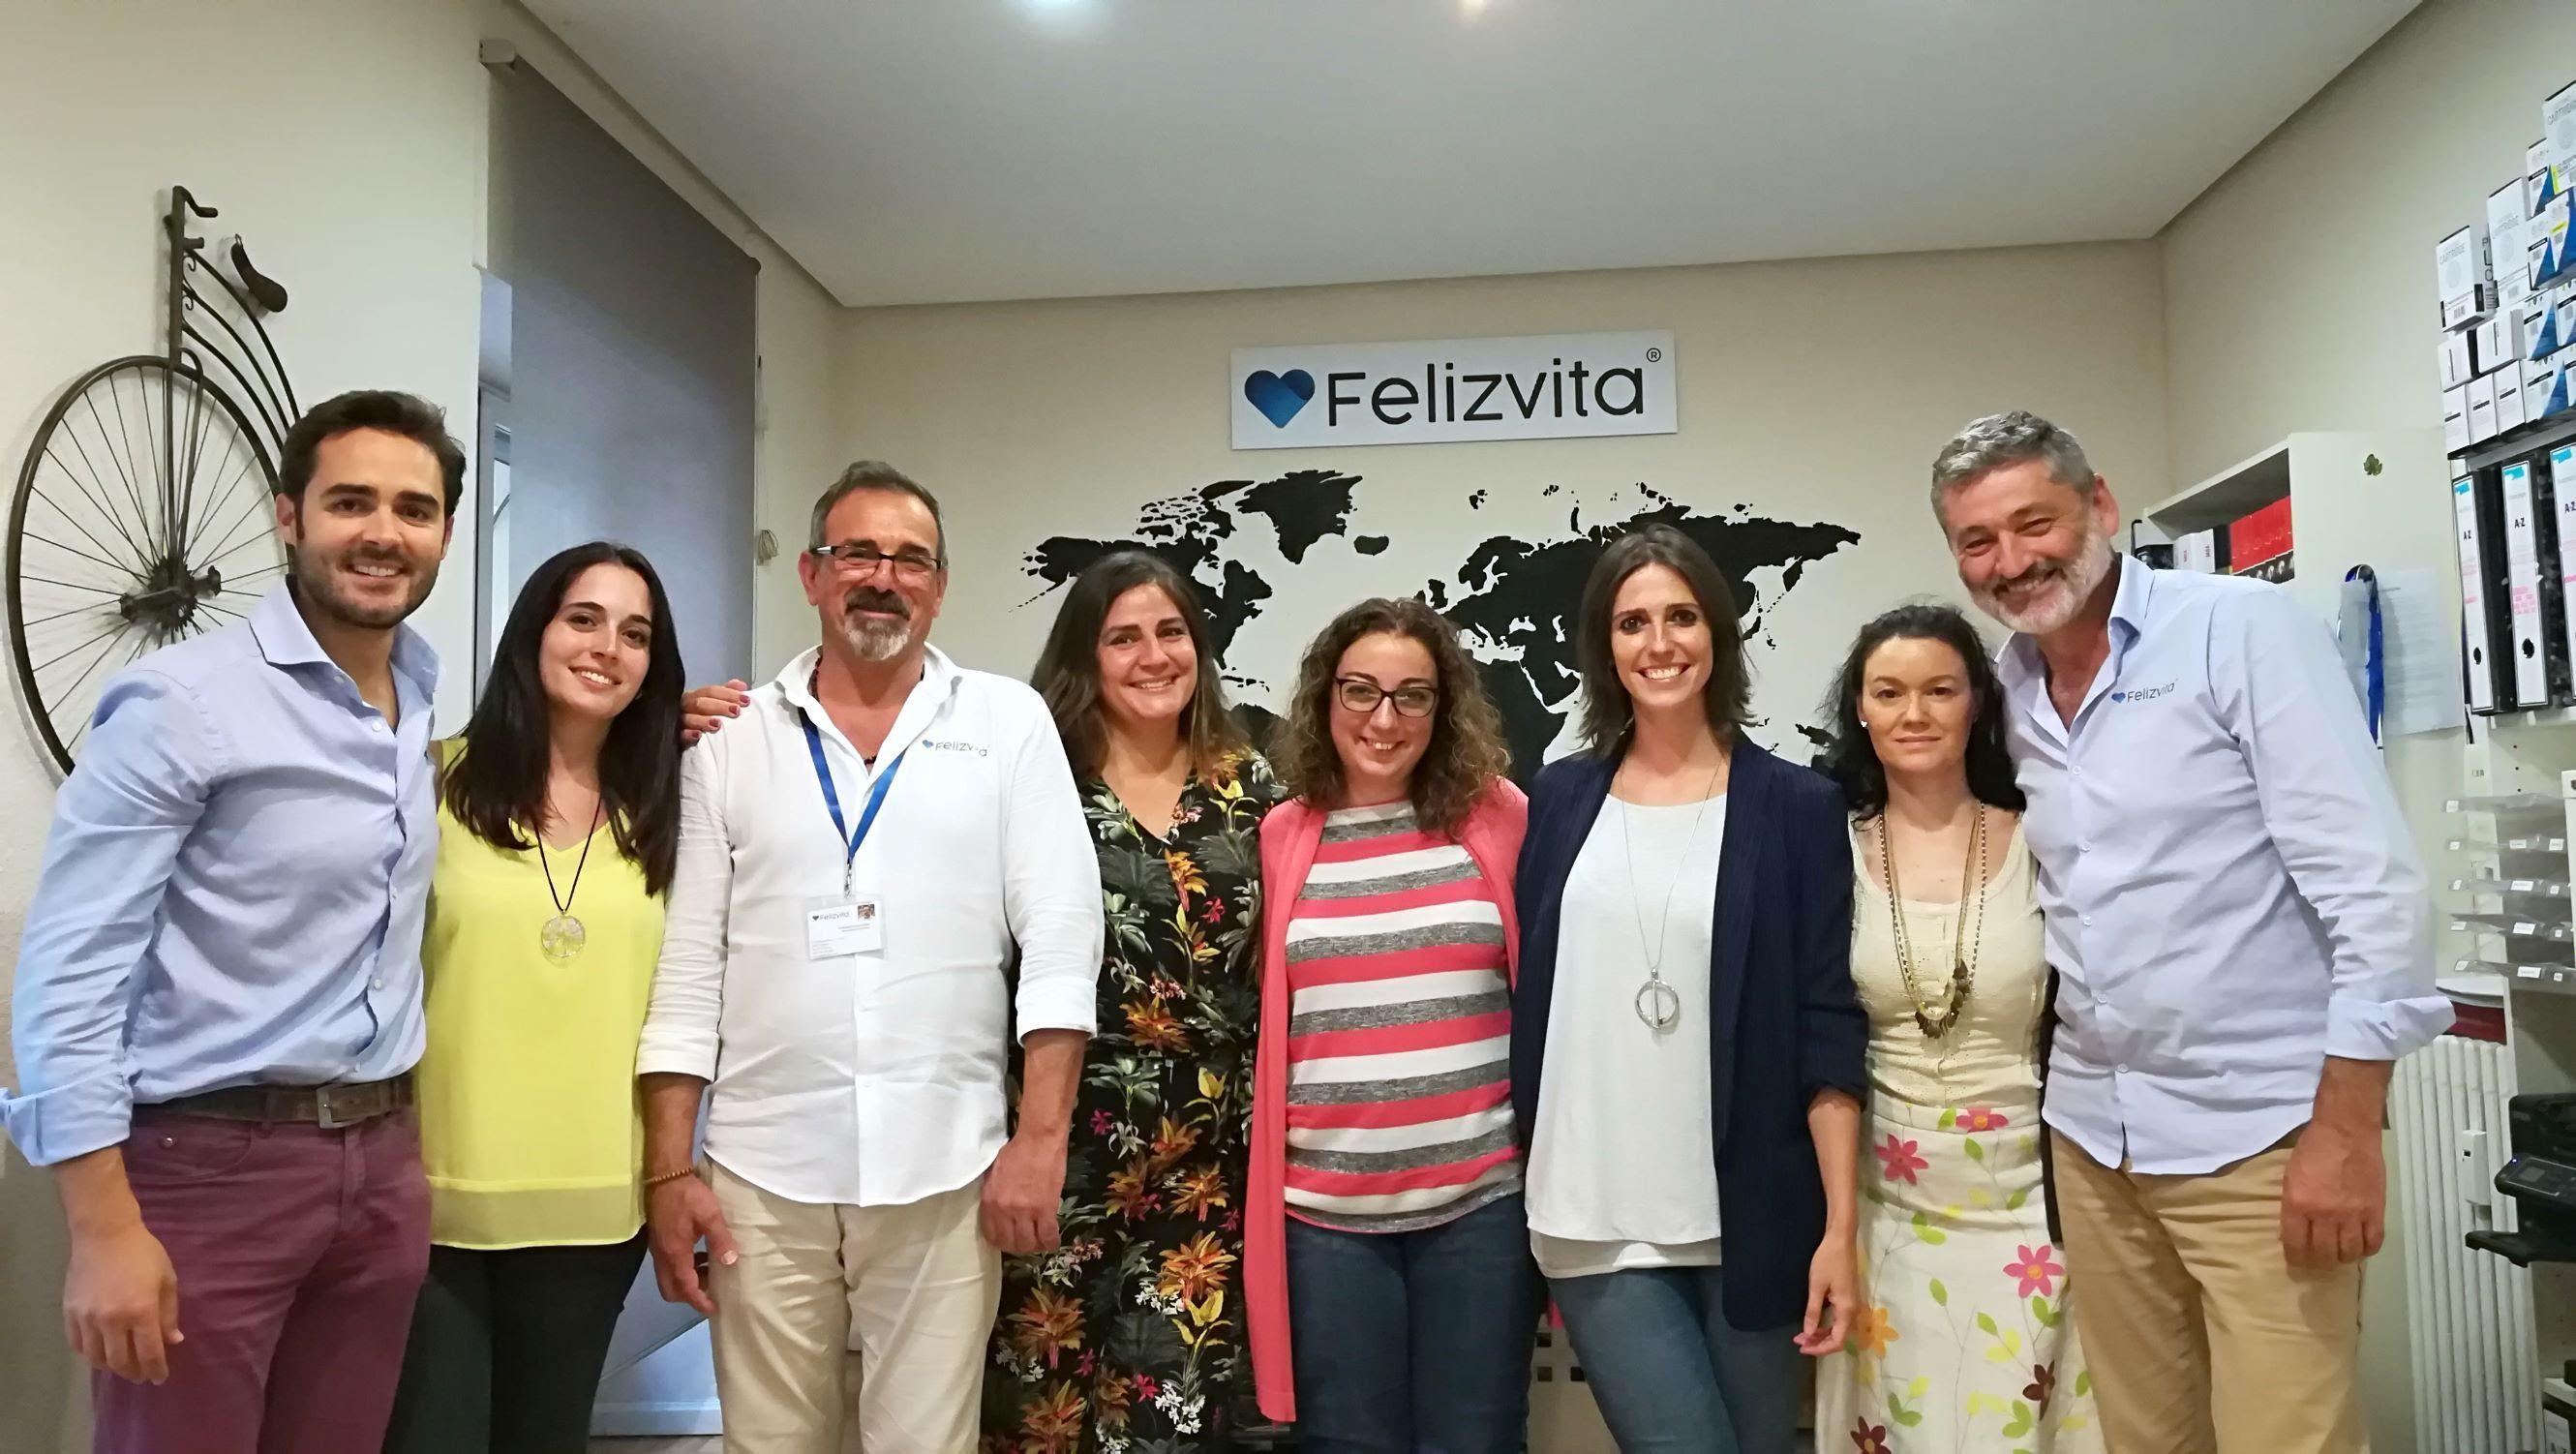 Fotografia El equipo de servicios centrales de la compañía.